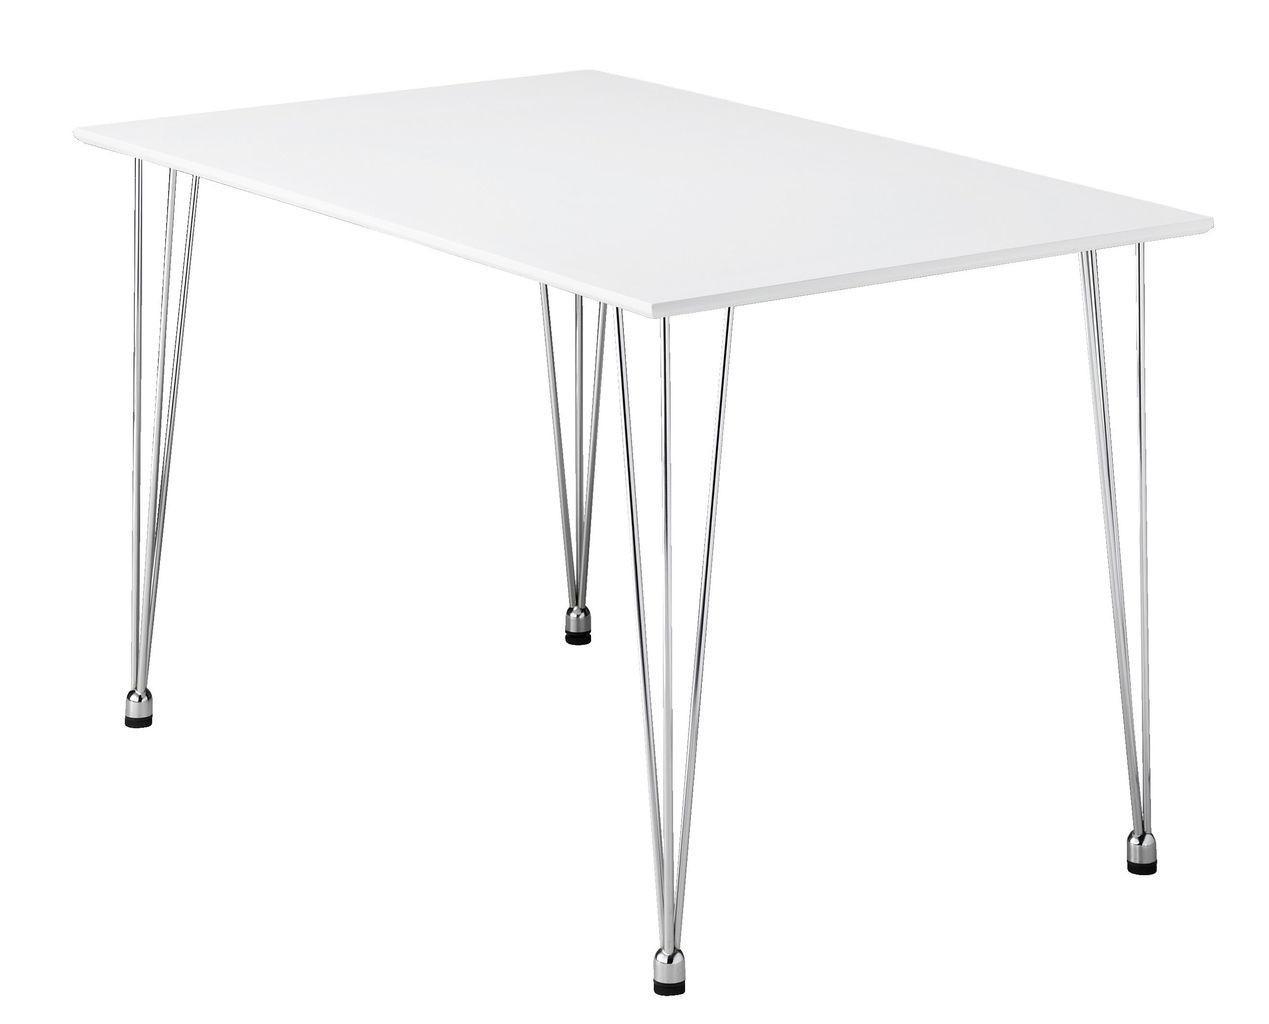 🏡Обеденный стол прямоугольный белый хром, 120см  | обеденный стол, стол THYHOLM, стол для кухни, стол обеденный круглый, стол круглый, стол